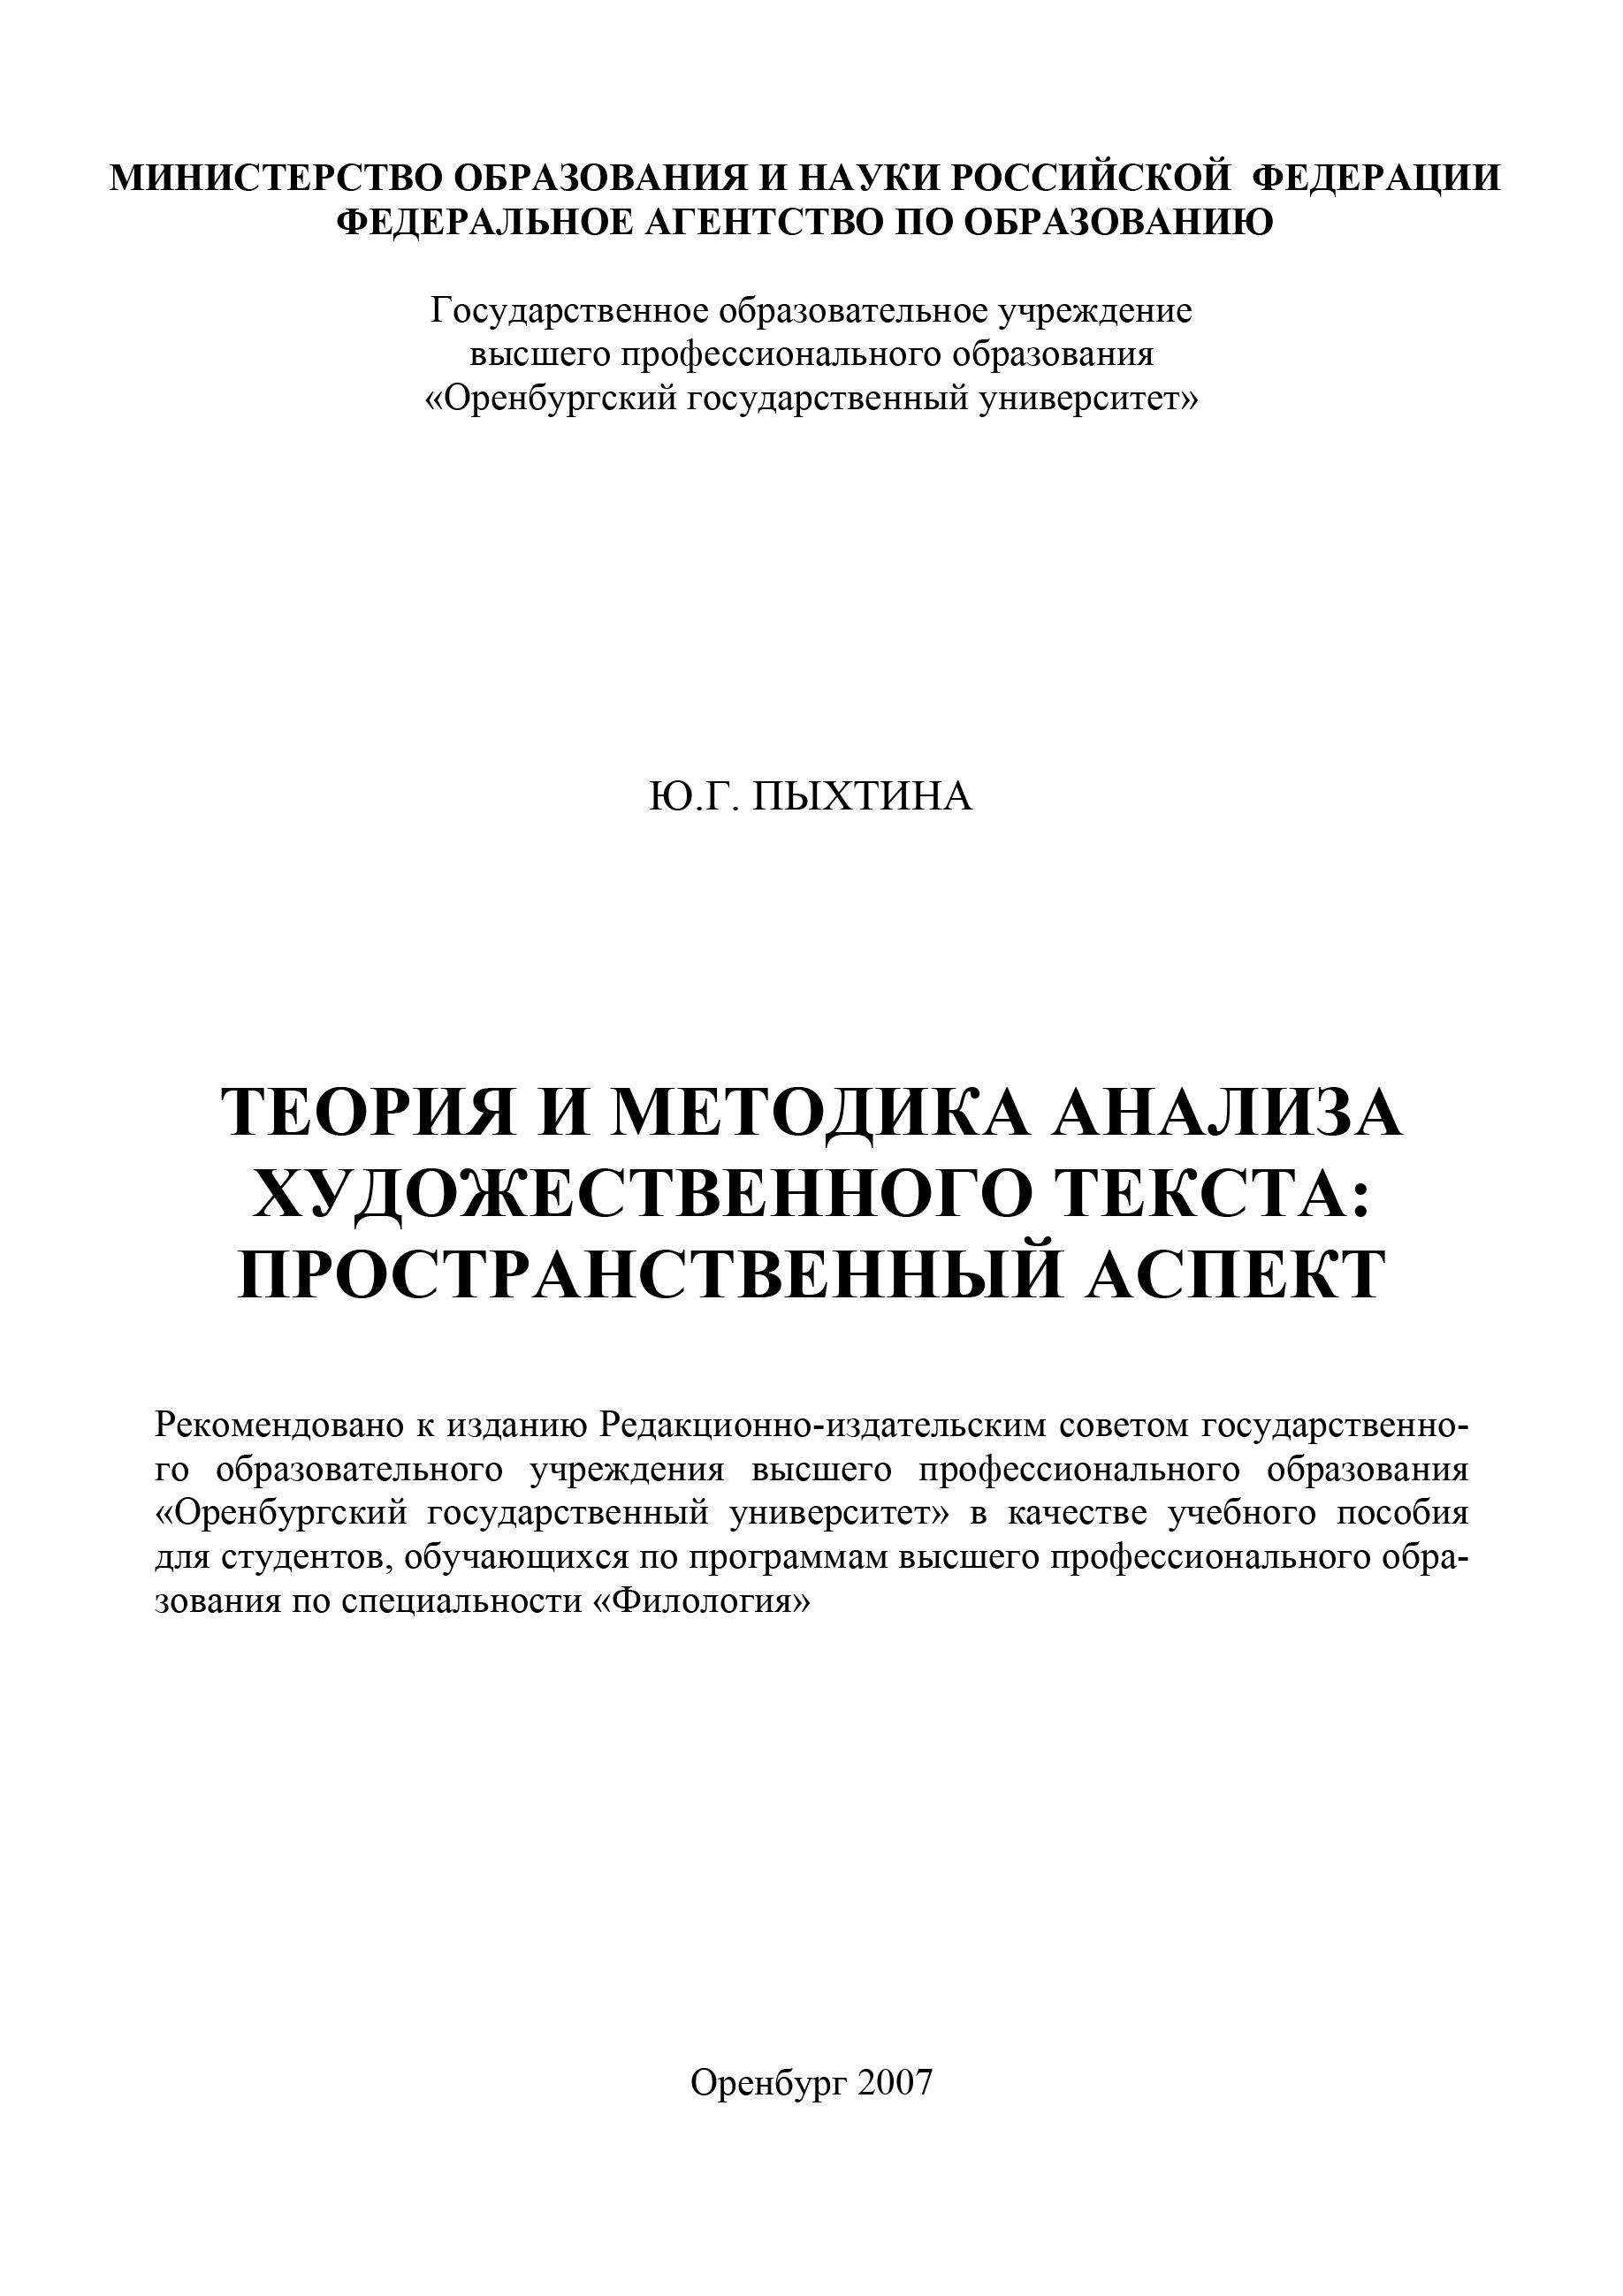 Ю. Г. Пыхтина Теория и методика анализа художественного текста: пространственный аспект